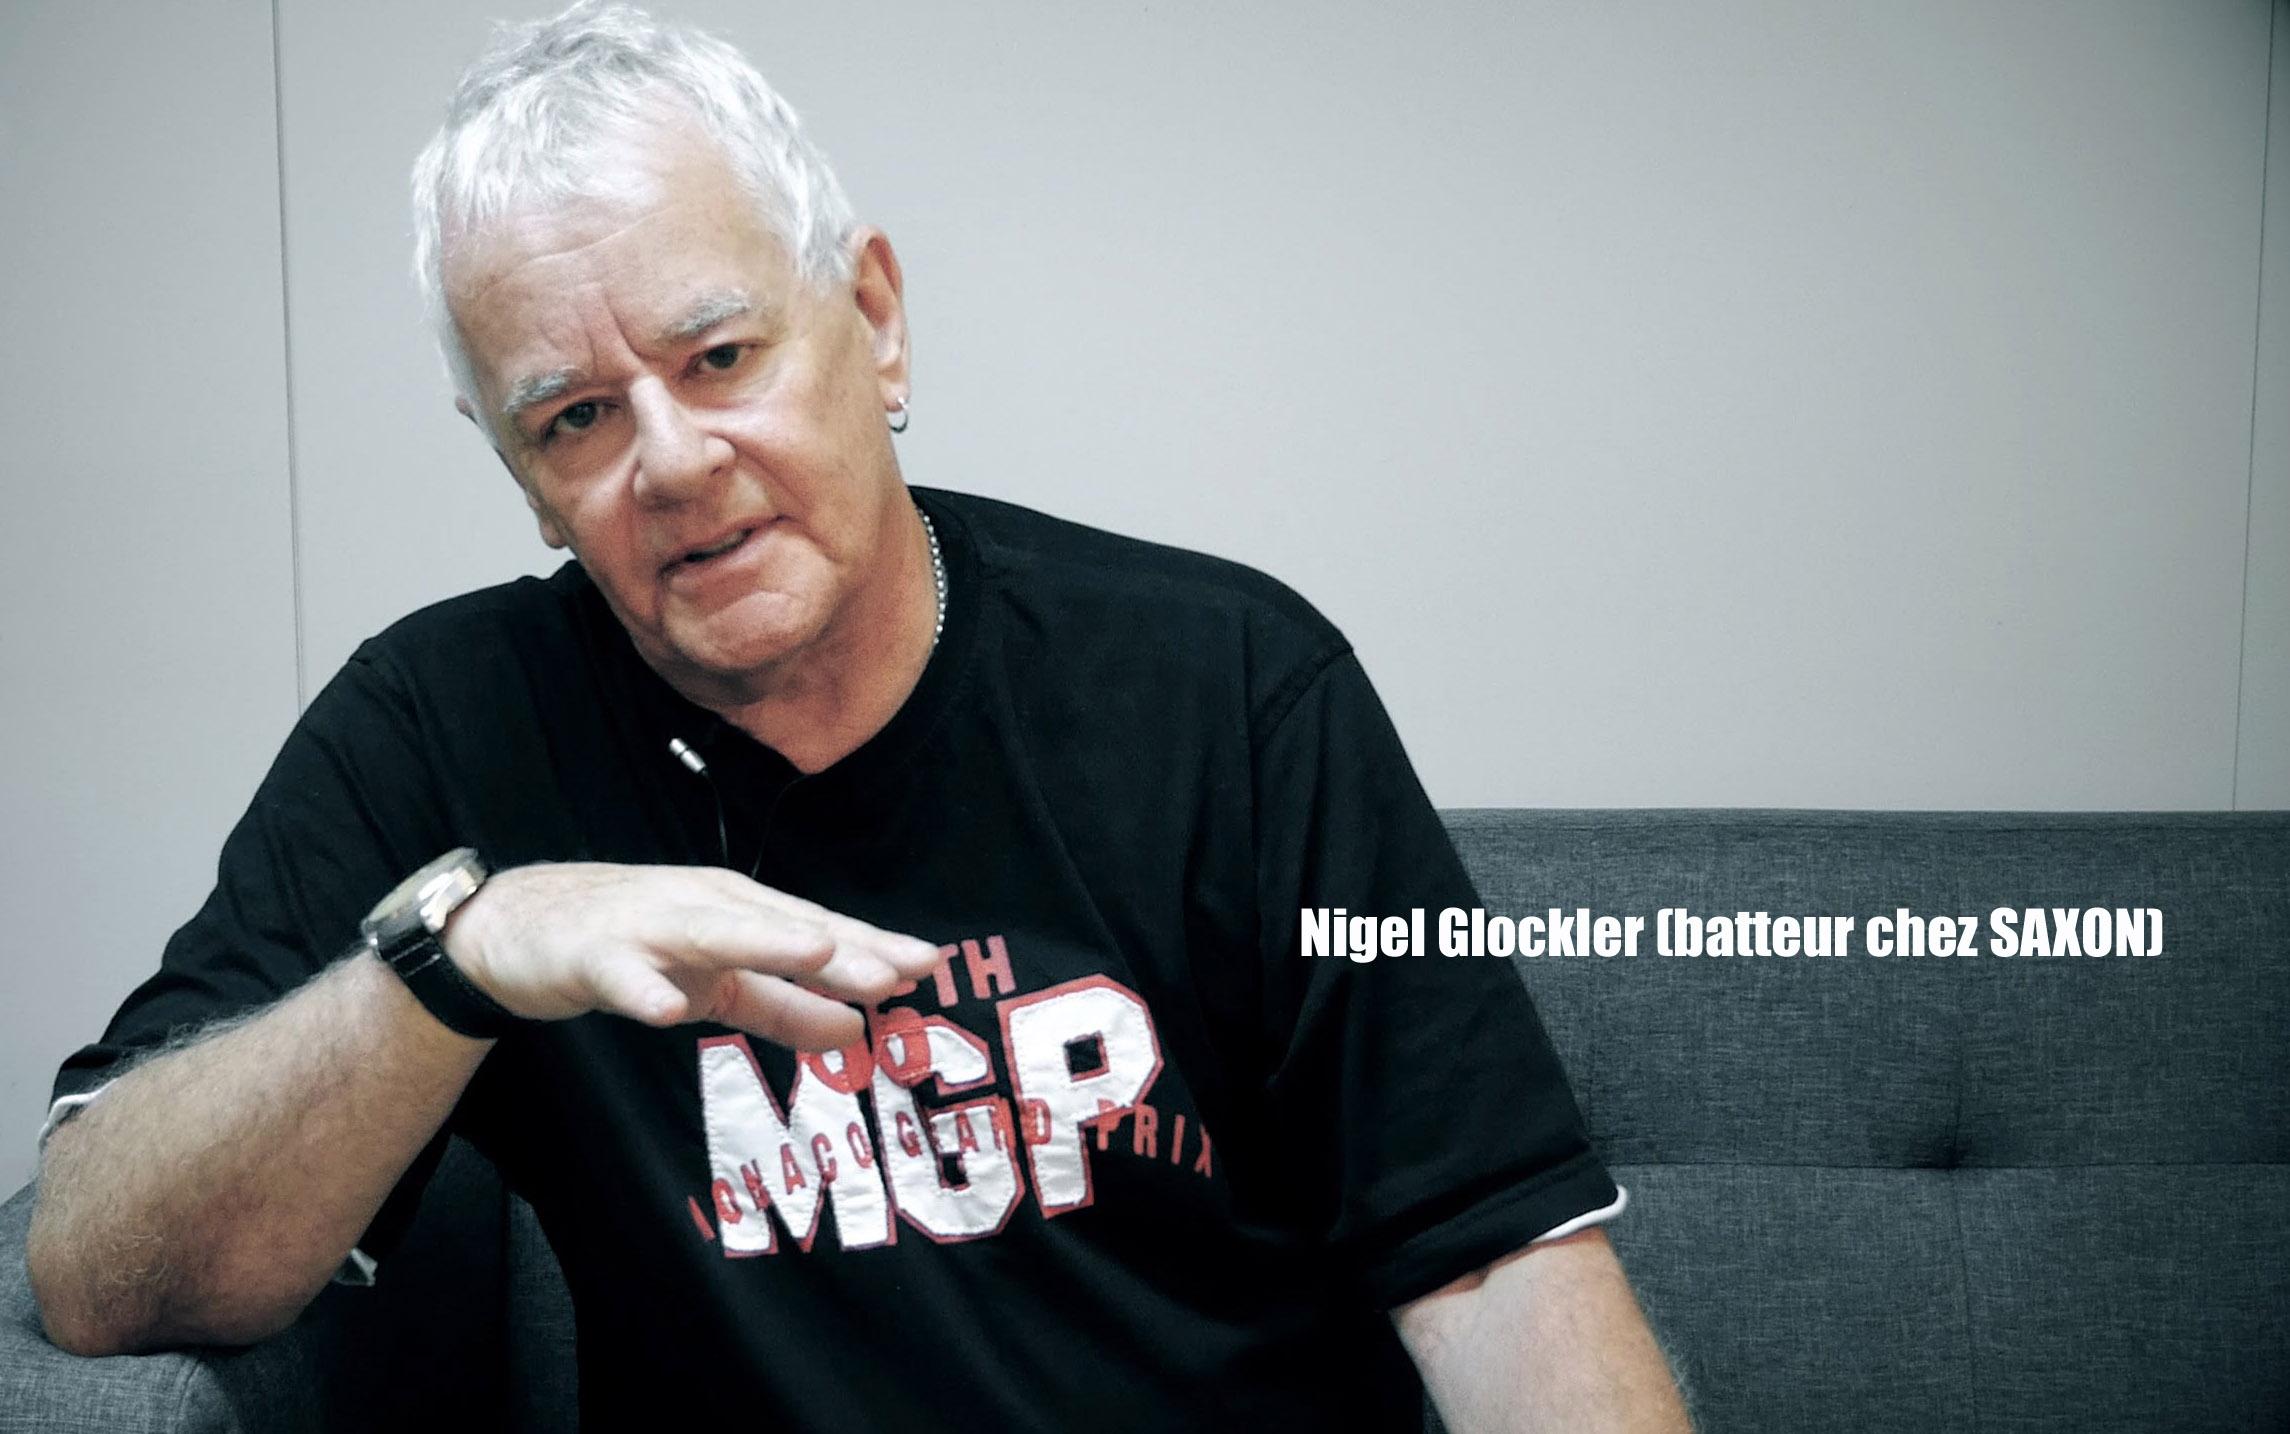 Nigel Glockler (SAXON) a dit ... sur l'industrie actuelle de la musique Maxres16